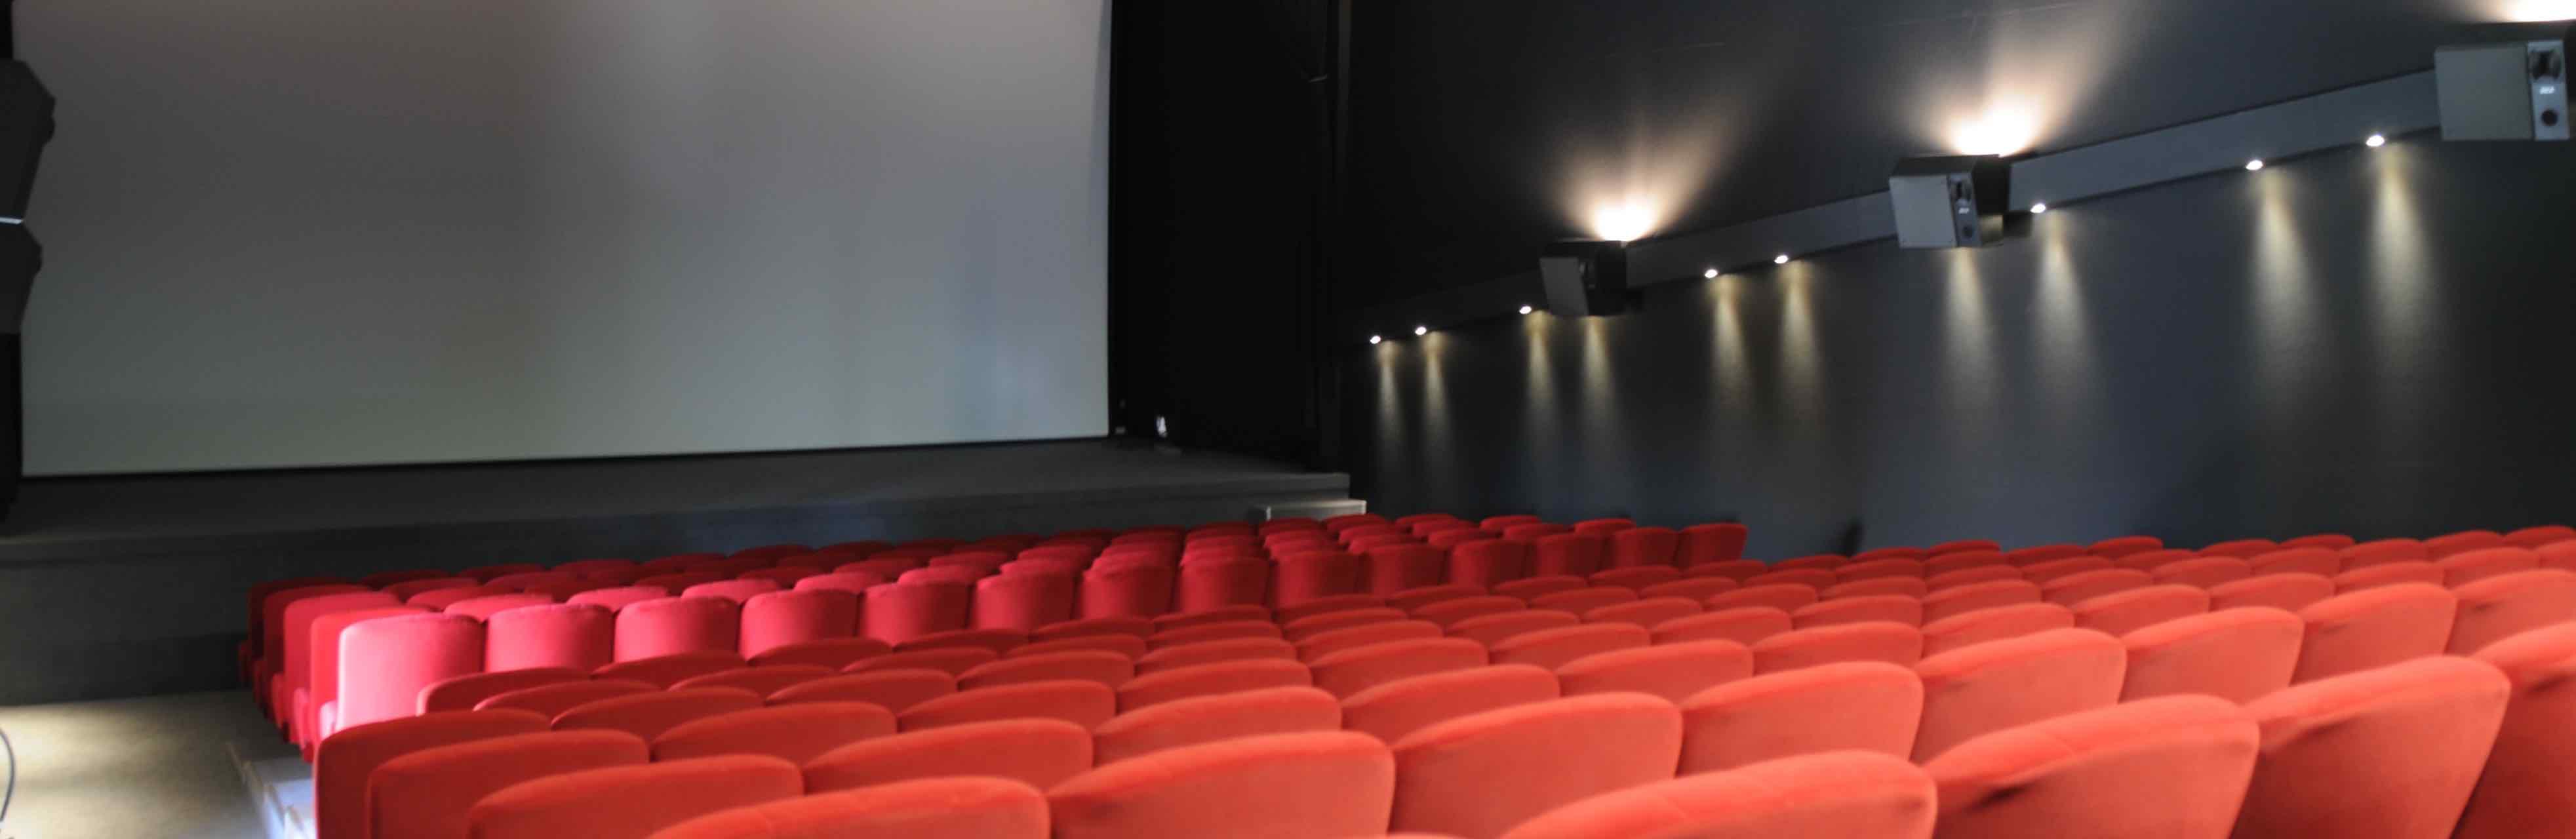 salle ciné 1web.jpg